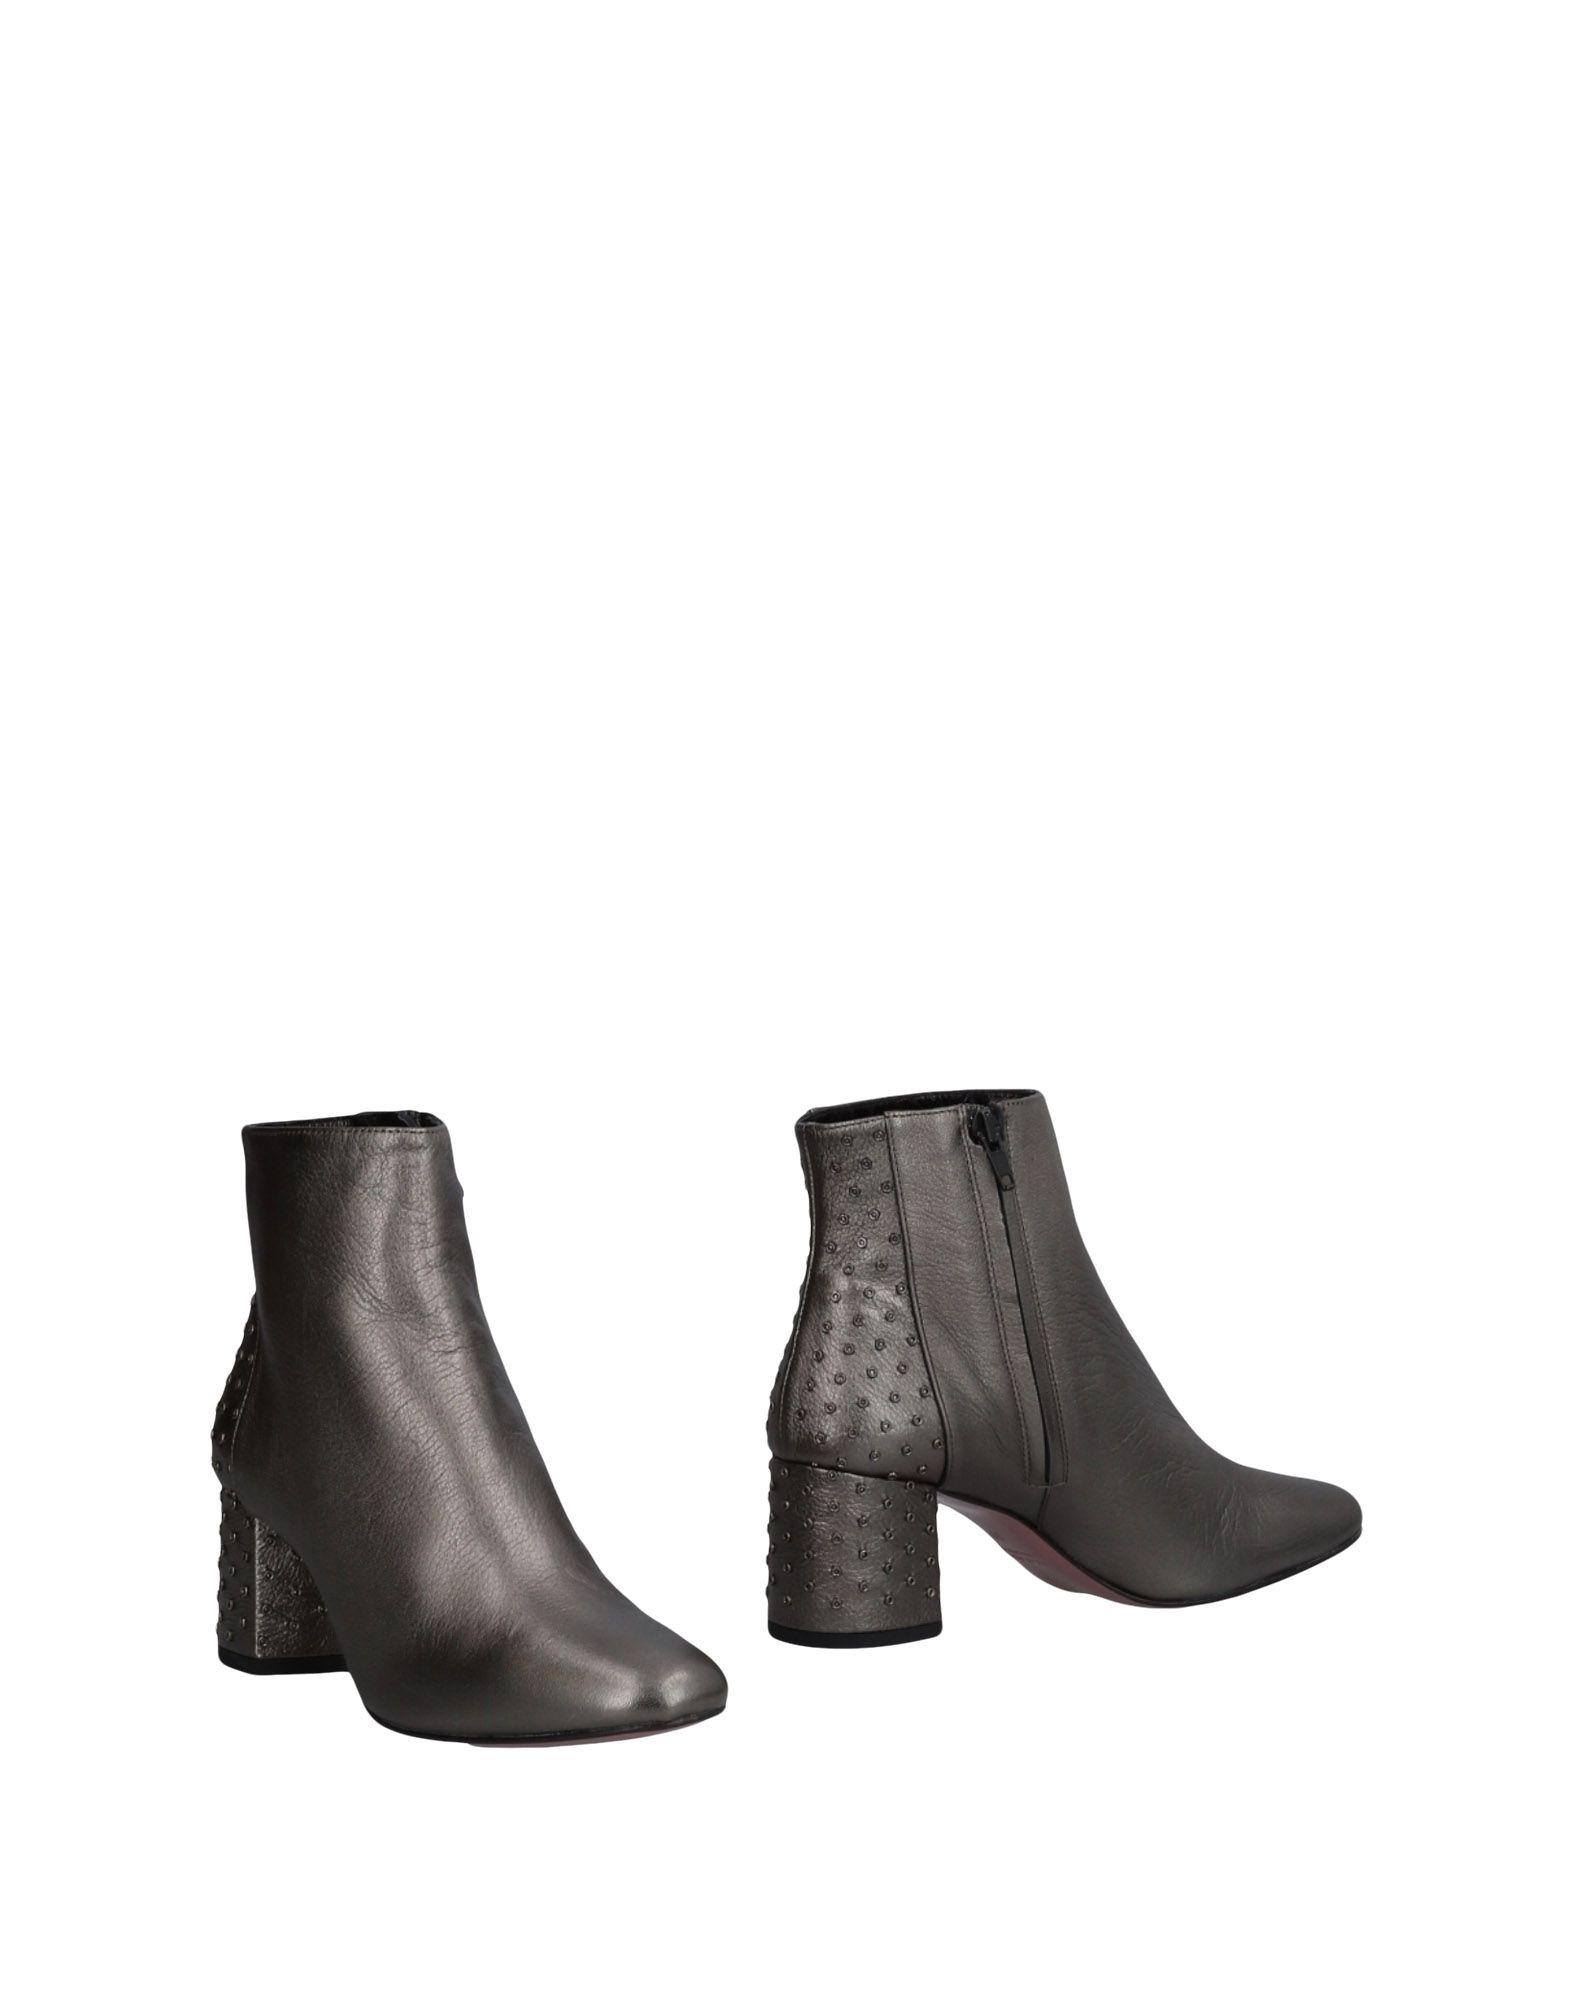 Albano Damen Stiefelette Damen Albano  11488513FP Gute Qualität beliebte Schuhe 0b6933